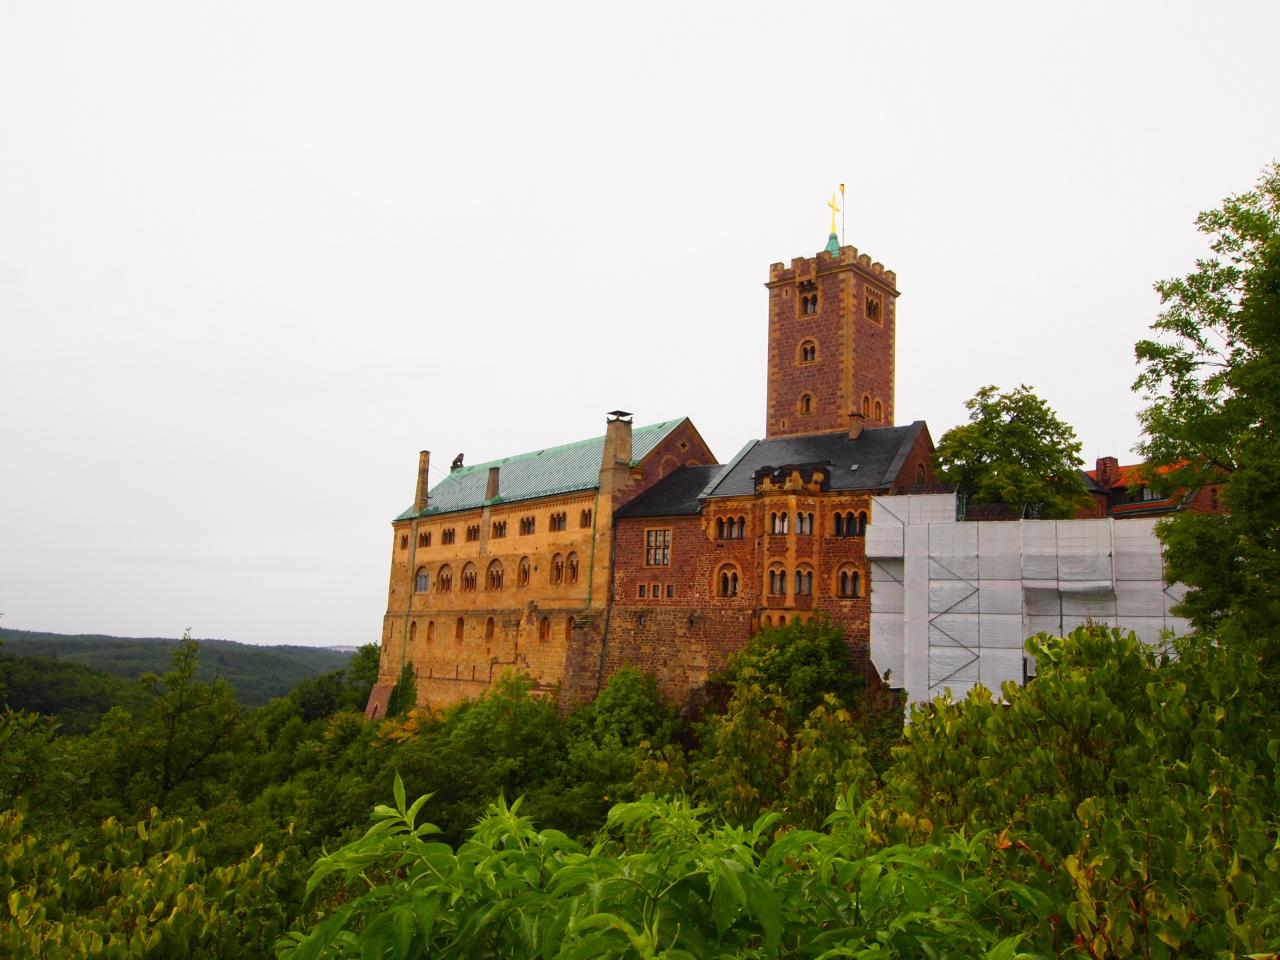 ヴァルトブルク城の画像 p1_28